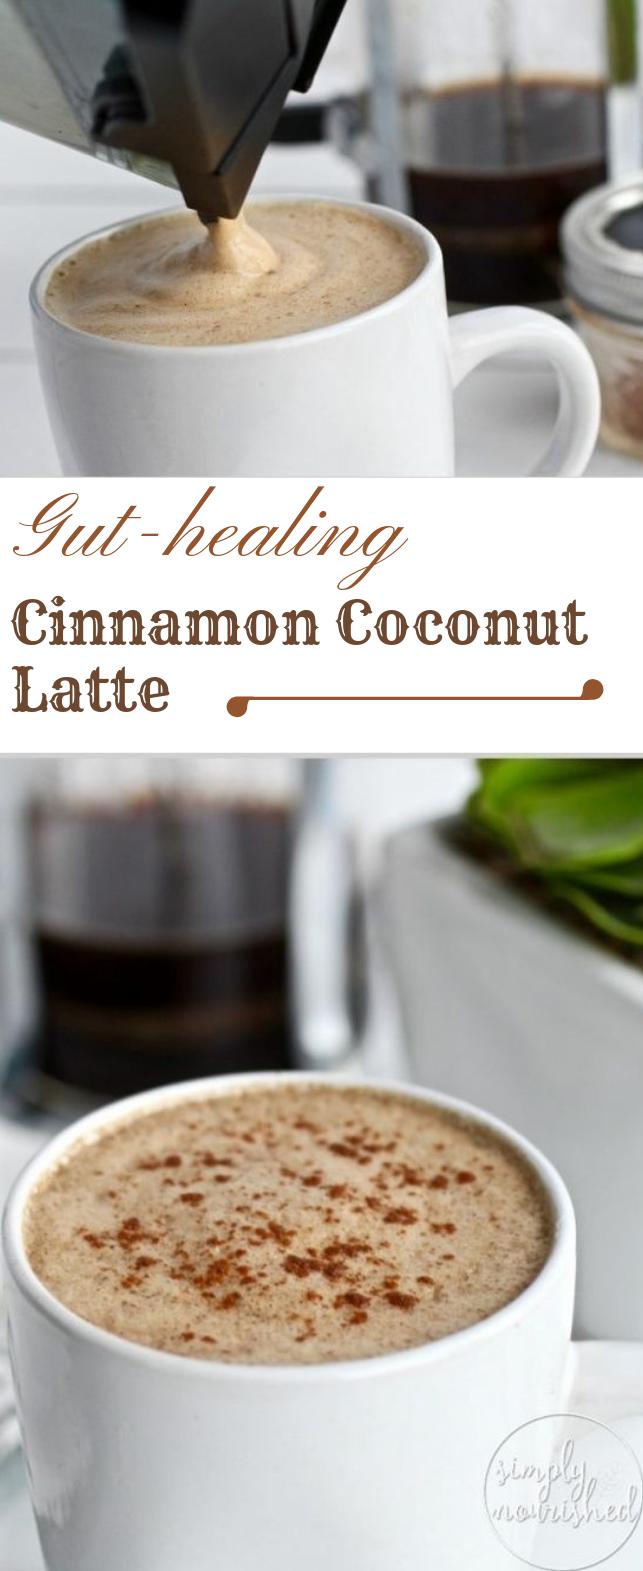 Gut-healing Cinnamon Coconut Latte #drink #delicious